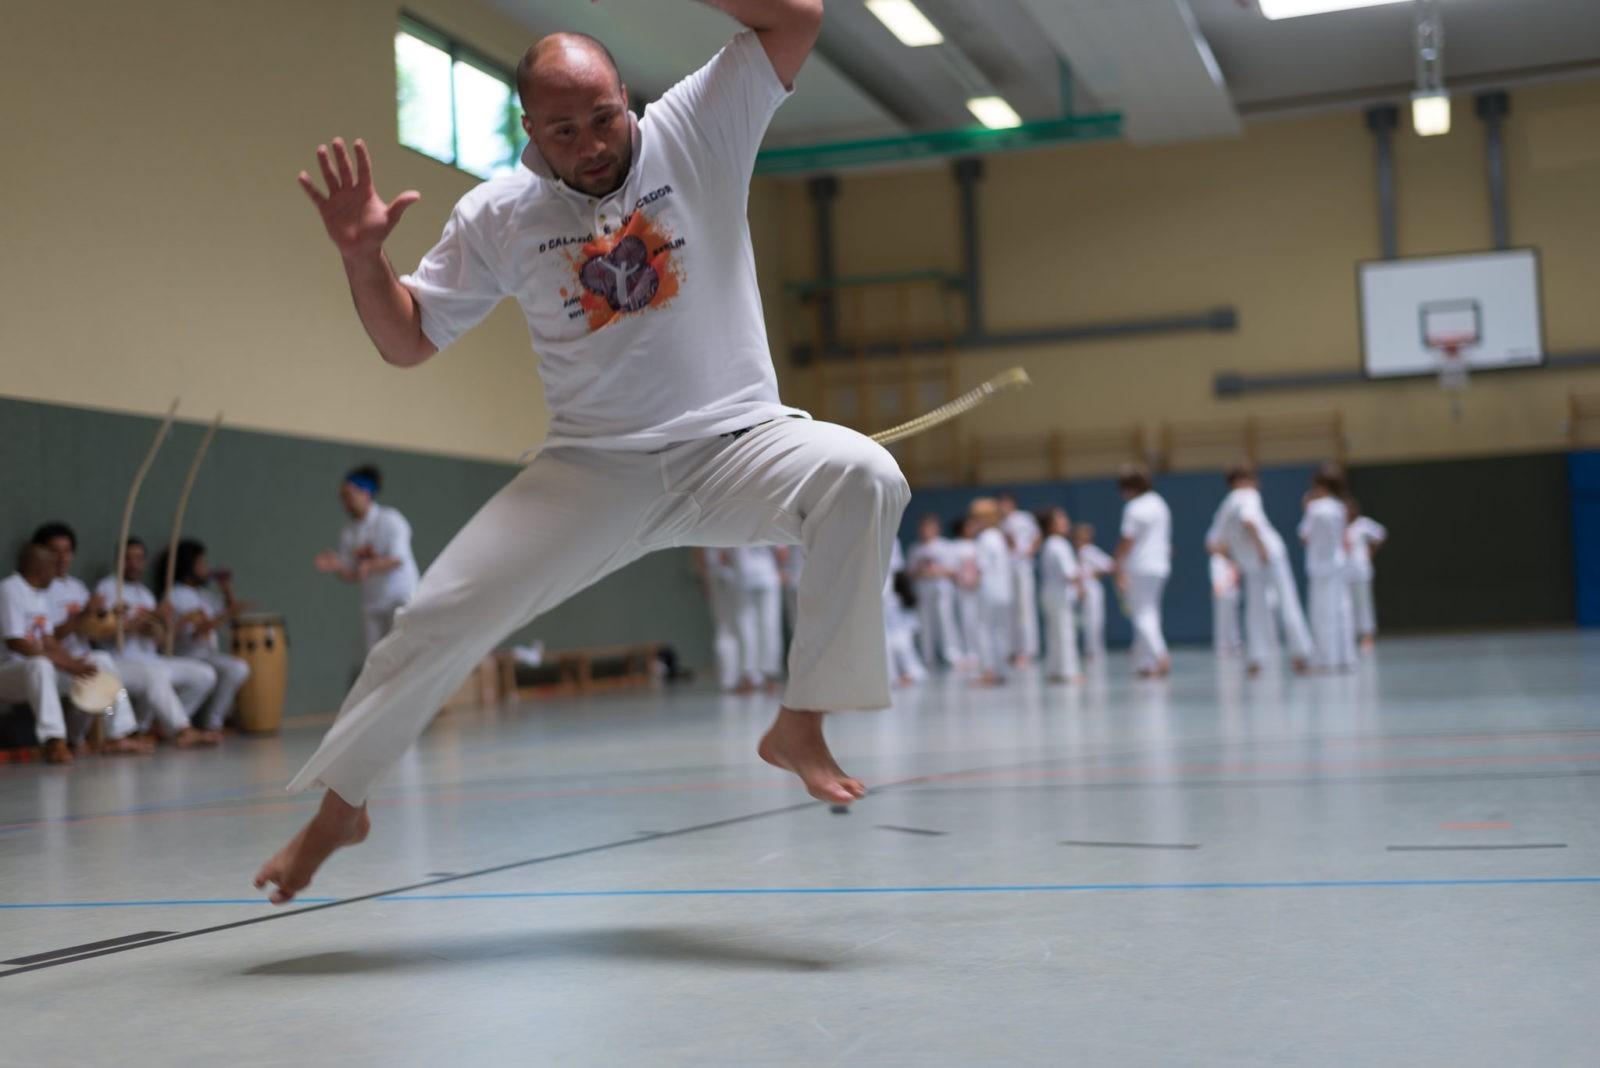 Capoeira Azania - Cordao de ouro - o Calado é Vencedor II - Berlin - 1195 - S